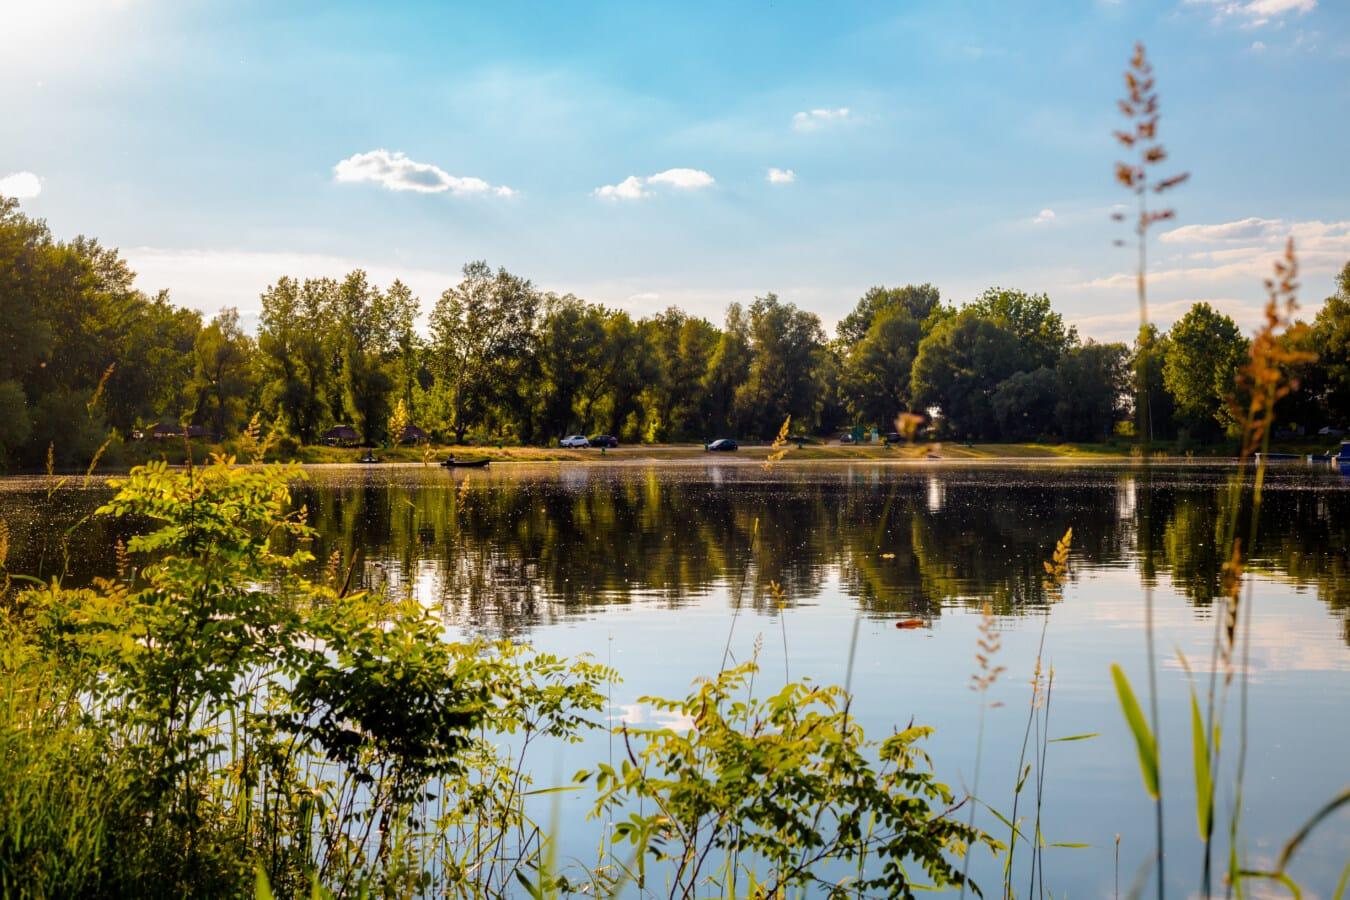 idyllic, lakeside, grassy, bushes, coast, lake, wetland, reflection, land, landscape